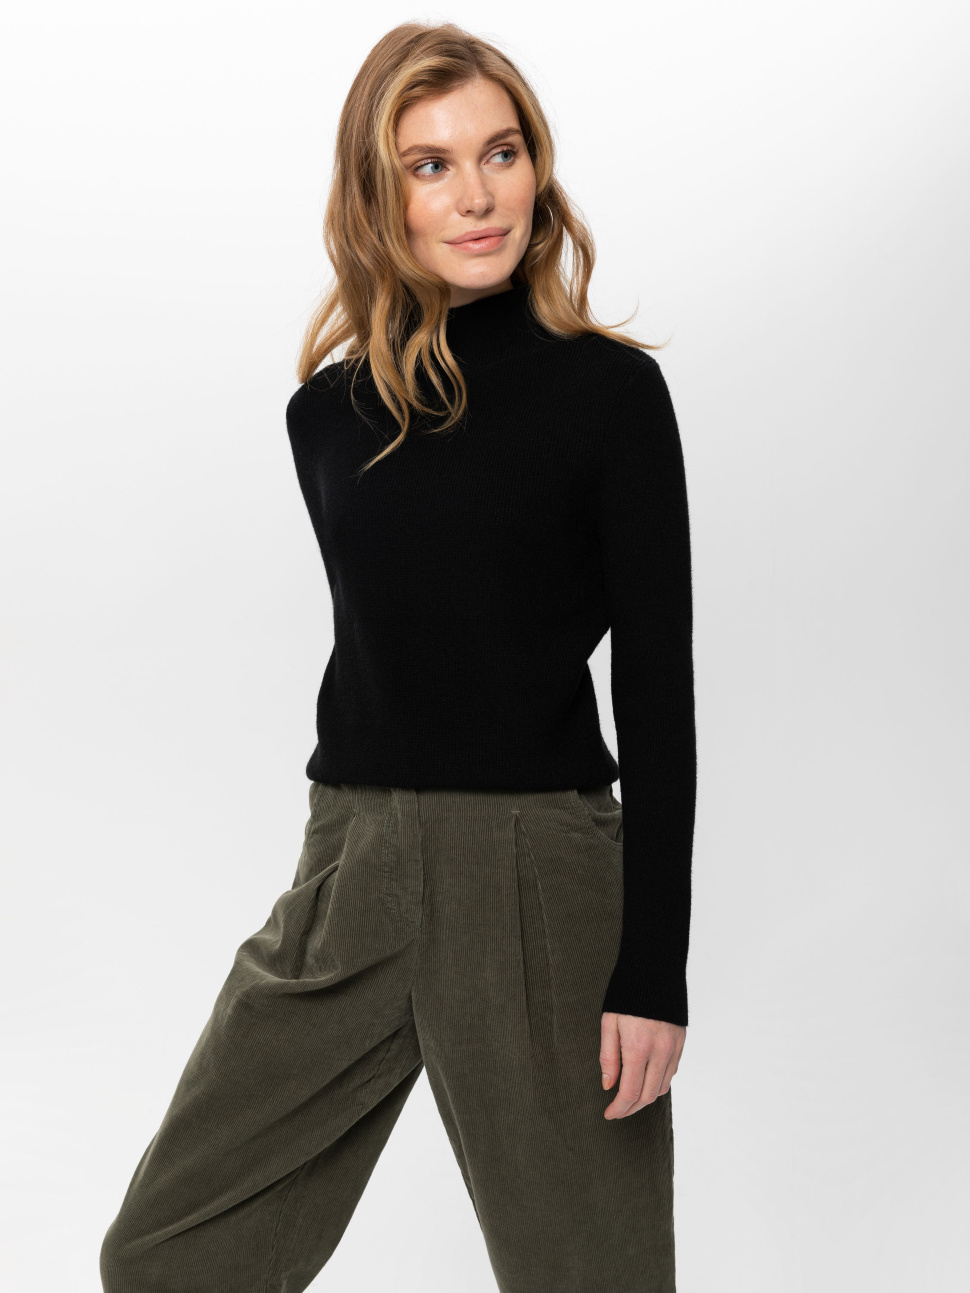 Джемпер женский цвет: черный, артикул: 0810010615 - купить в интернет-магазине sela